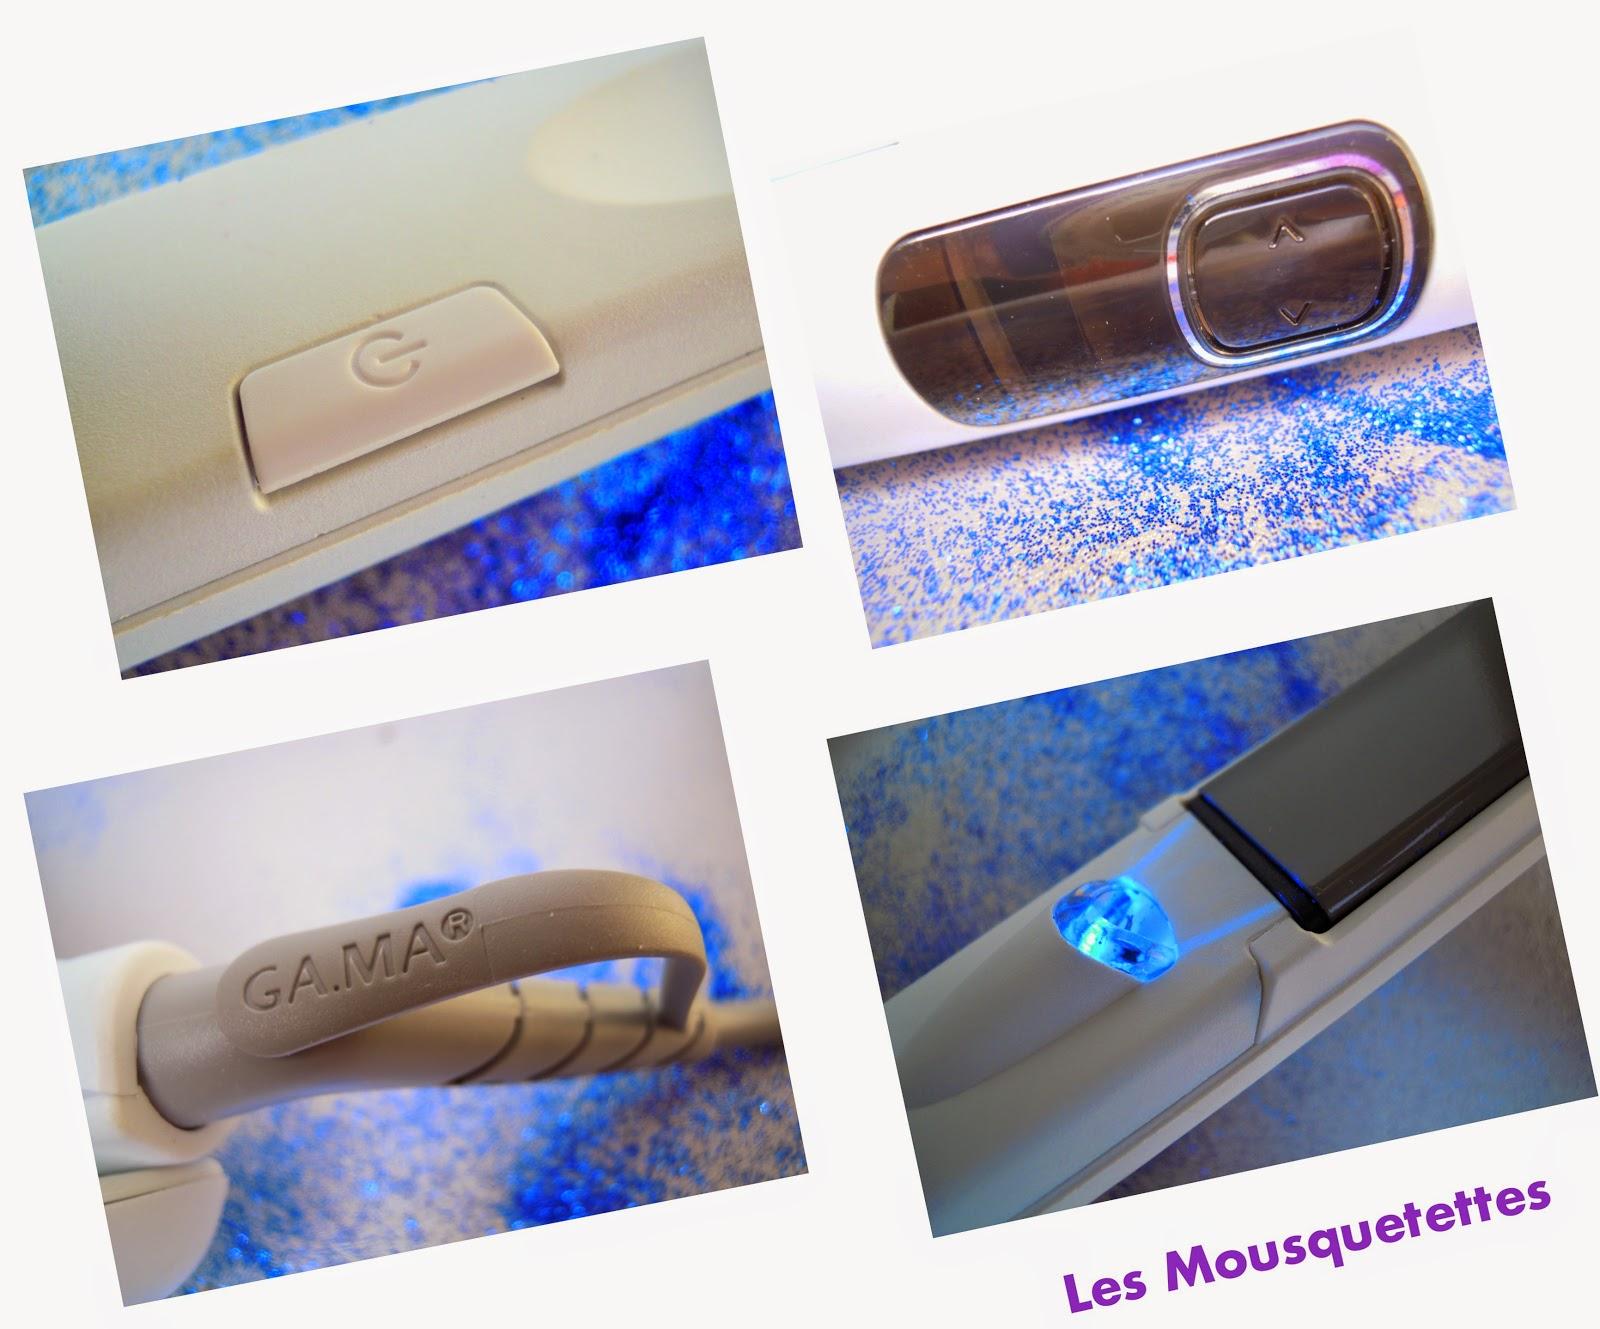 Lisseur Exelia ion Titanium GA.MA - Les Mousquetettes©